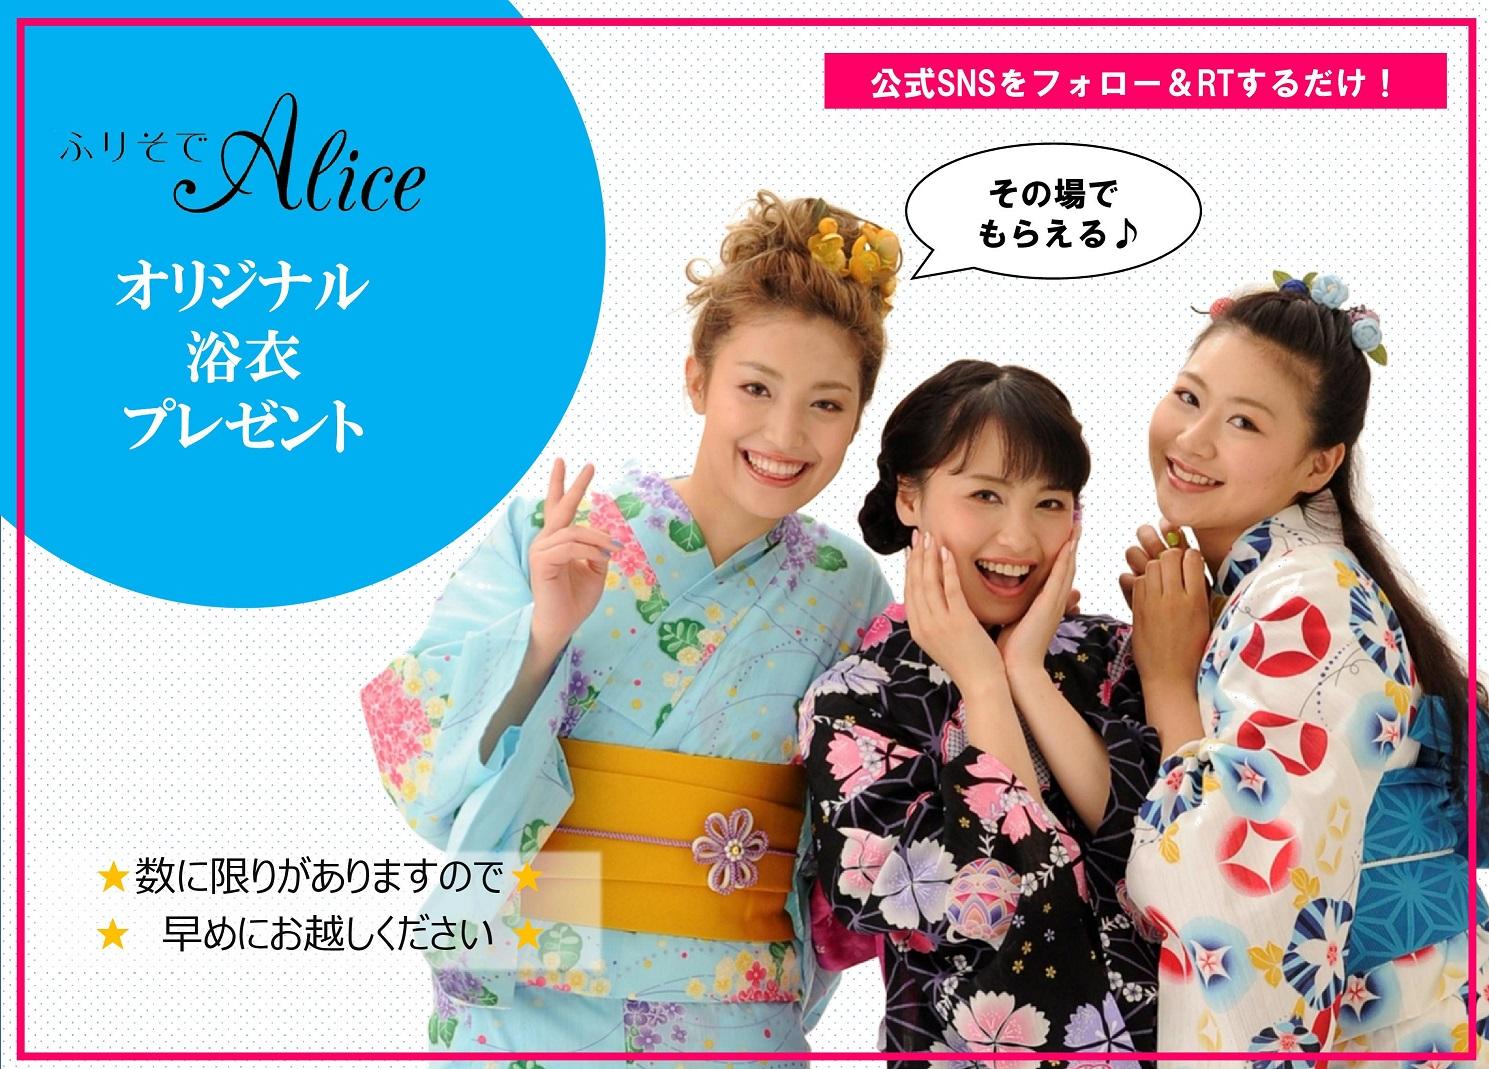 ふりそでアリスオリジナル浴衣プレゼントキャンペーン